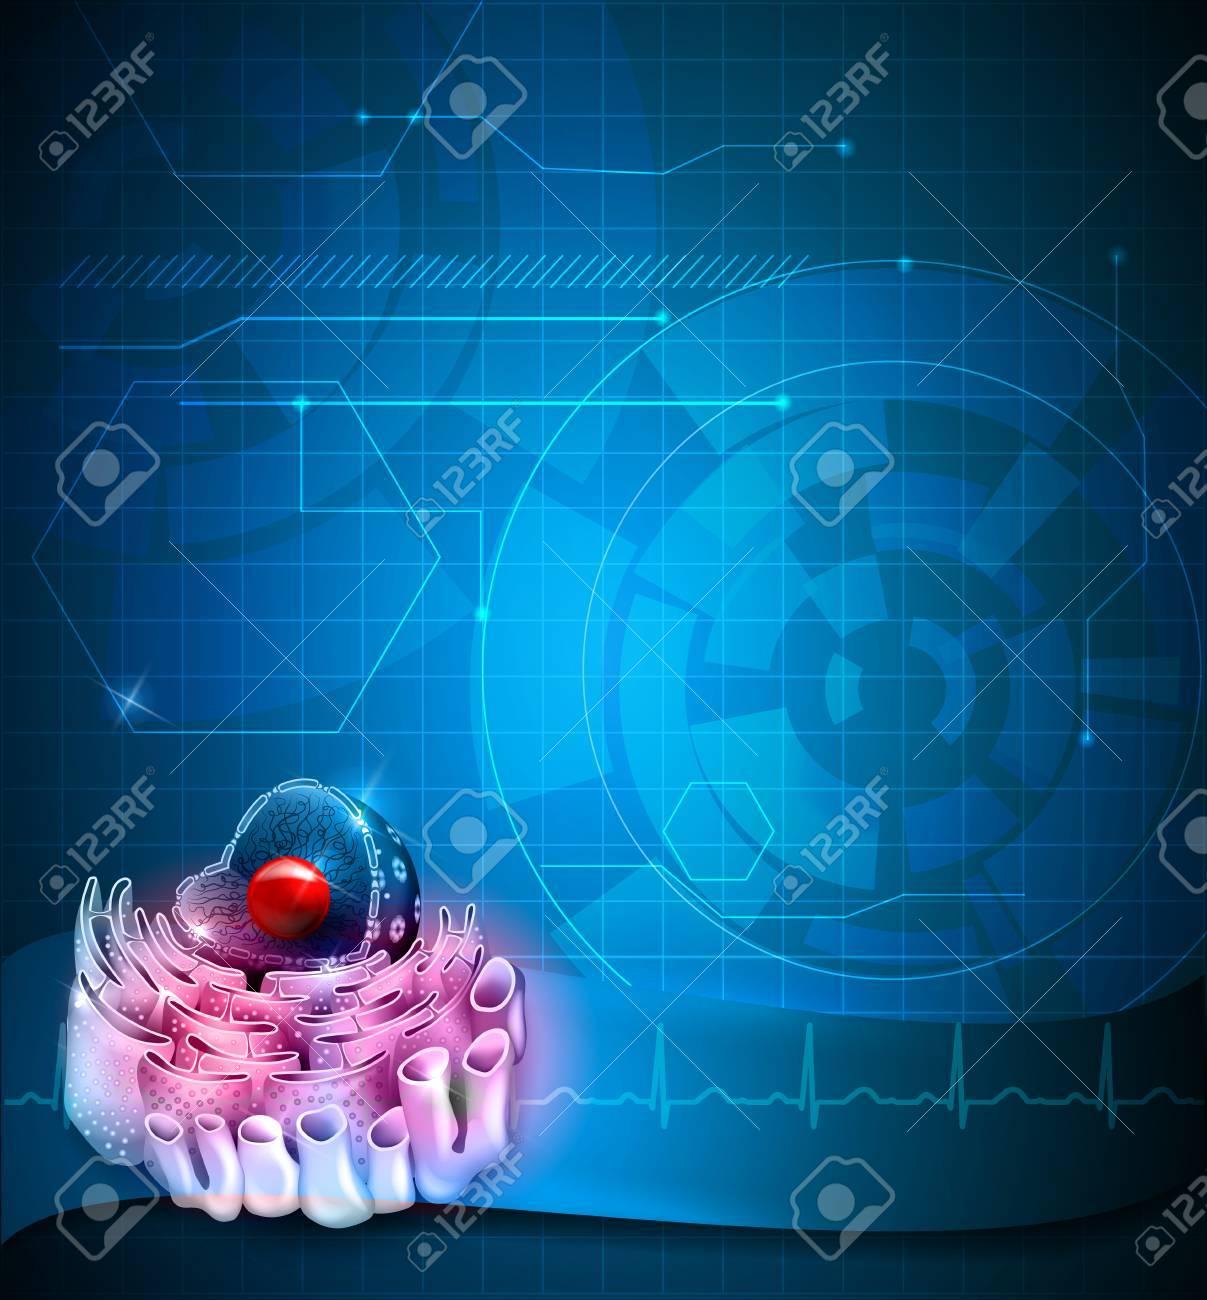 Núcleo Celular Fondo Azul Anatomía Detallada Fondo Azul ...